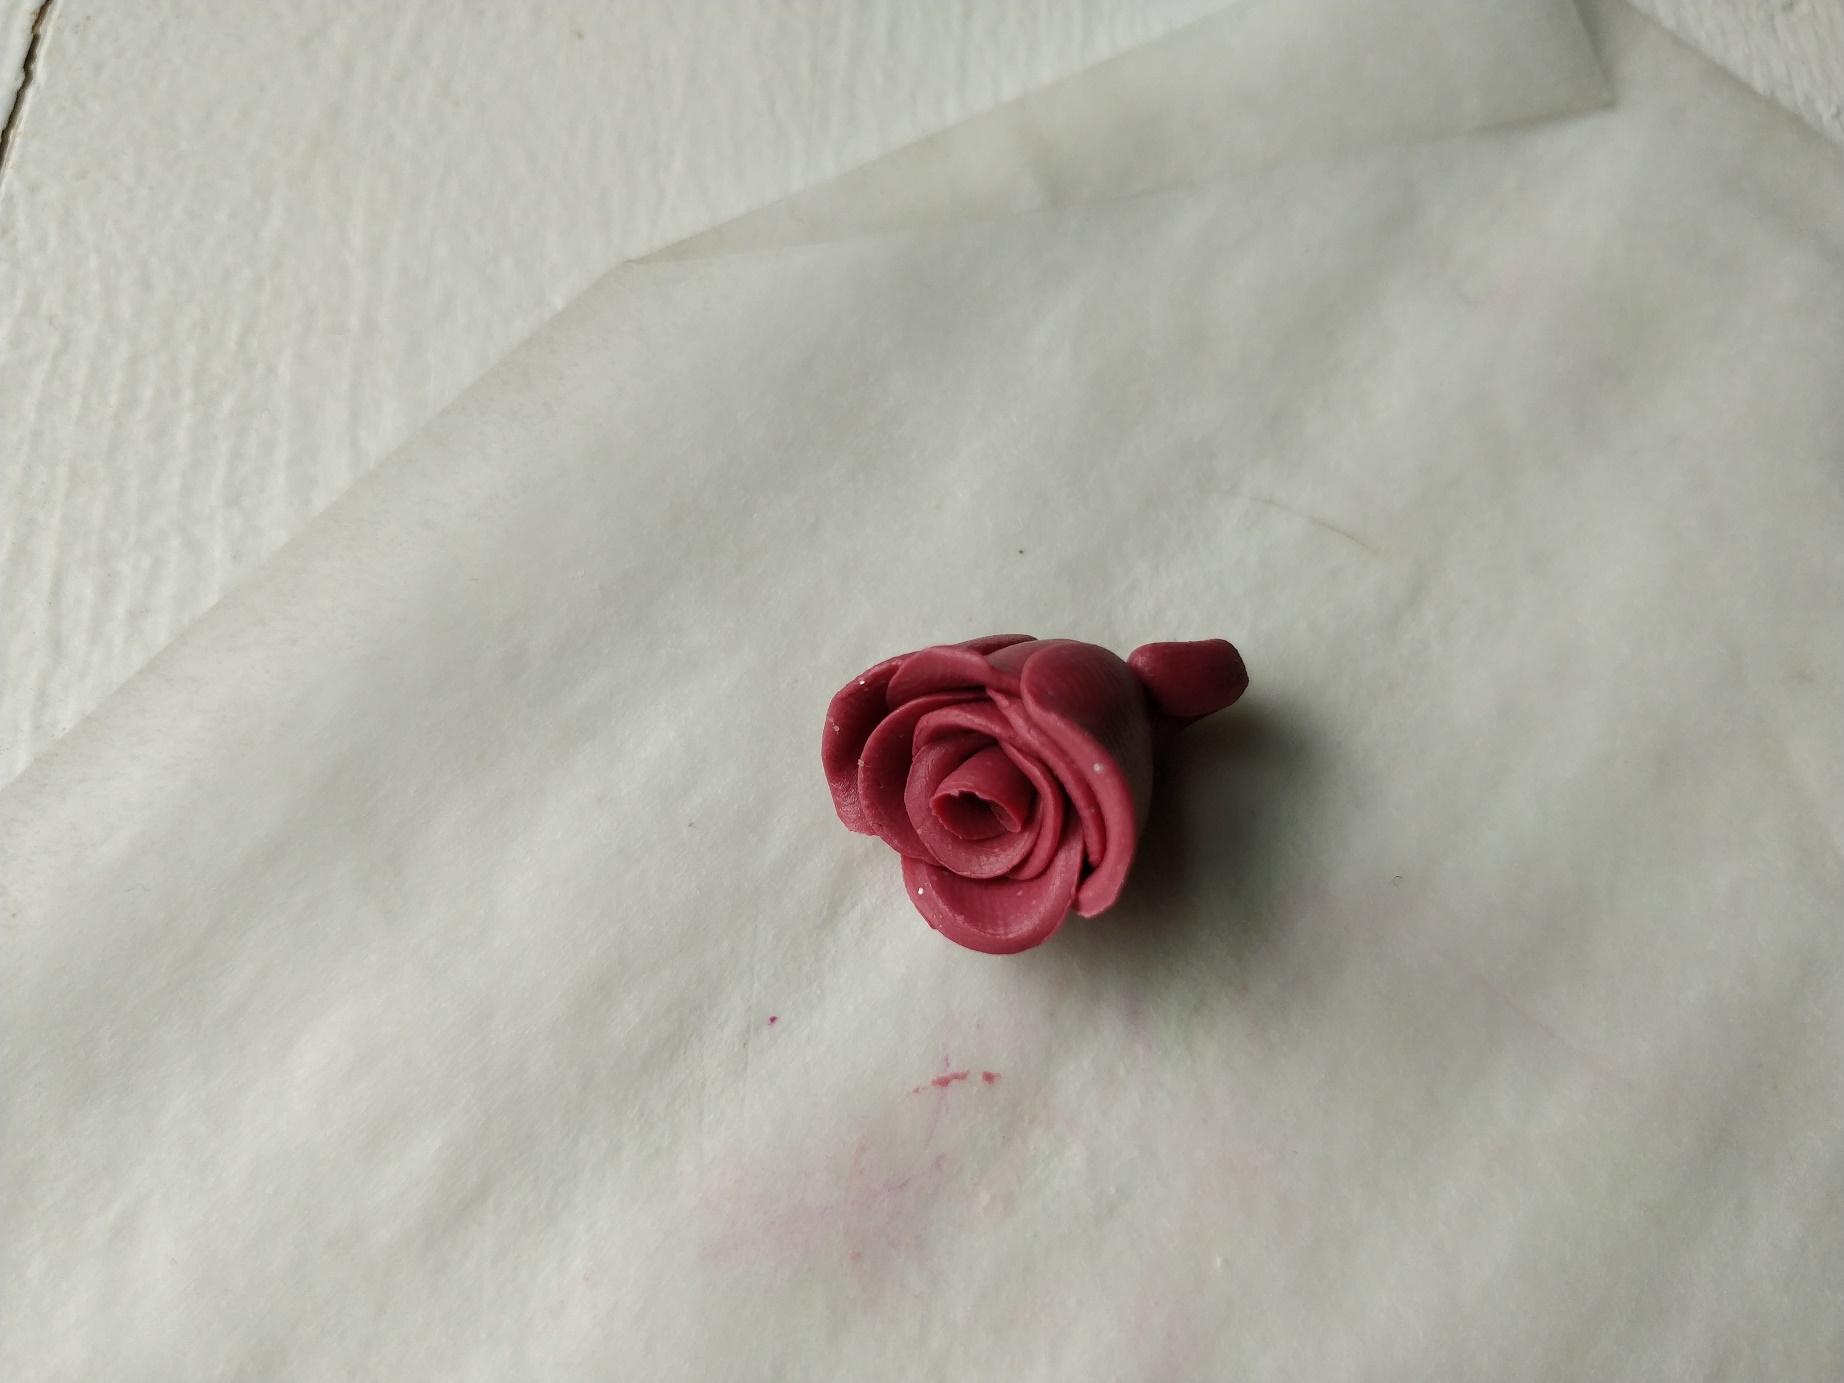 Færdig rose af polymer ler